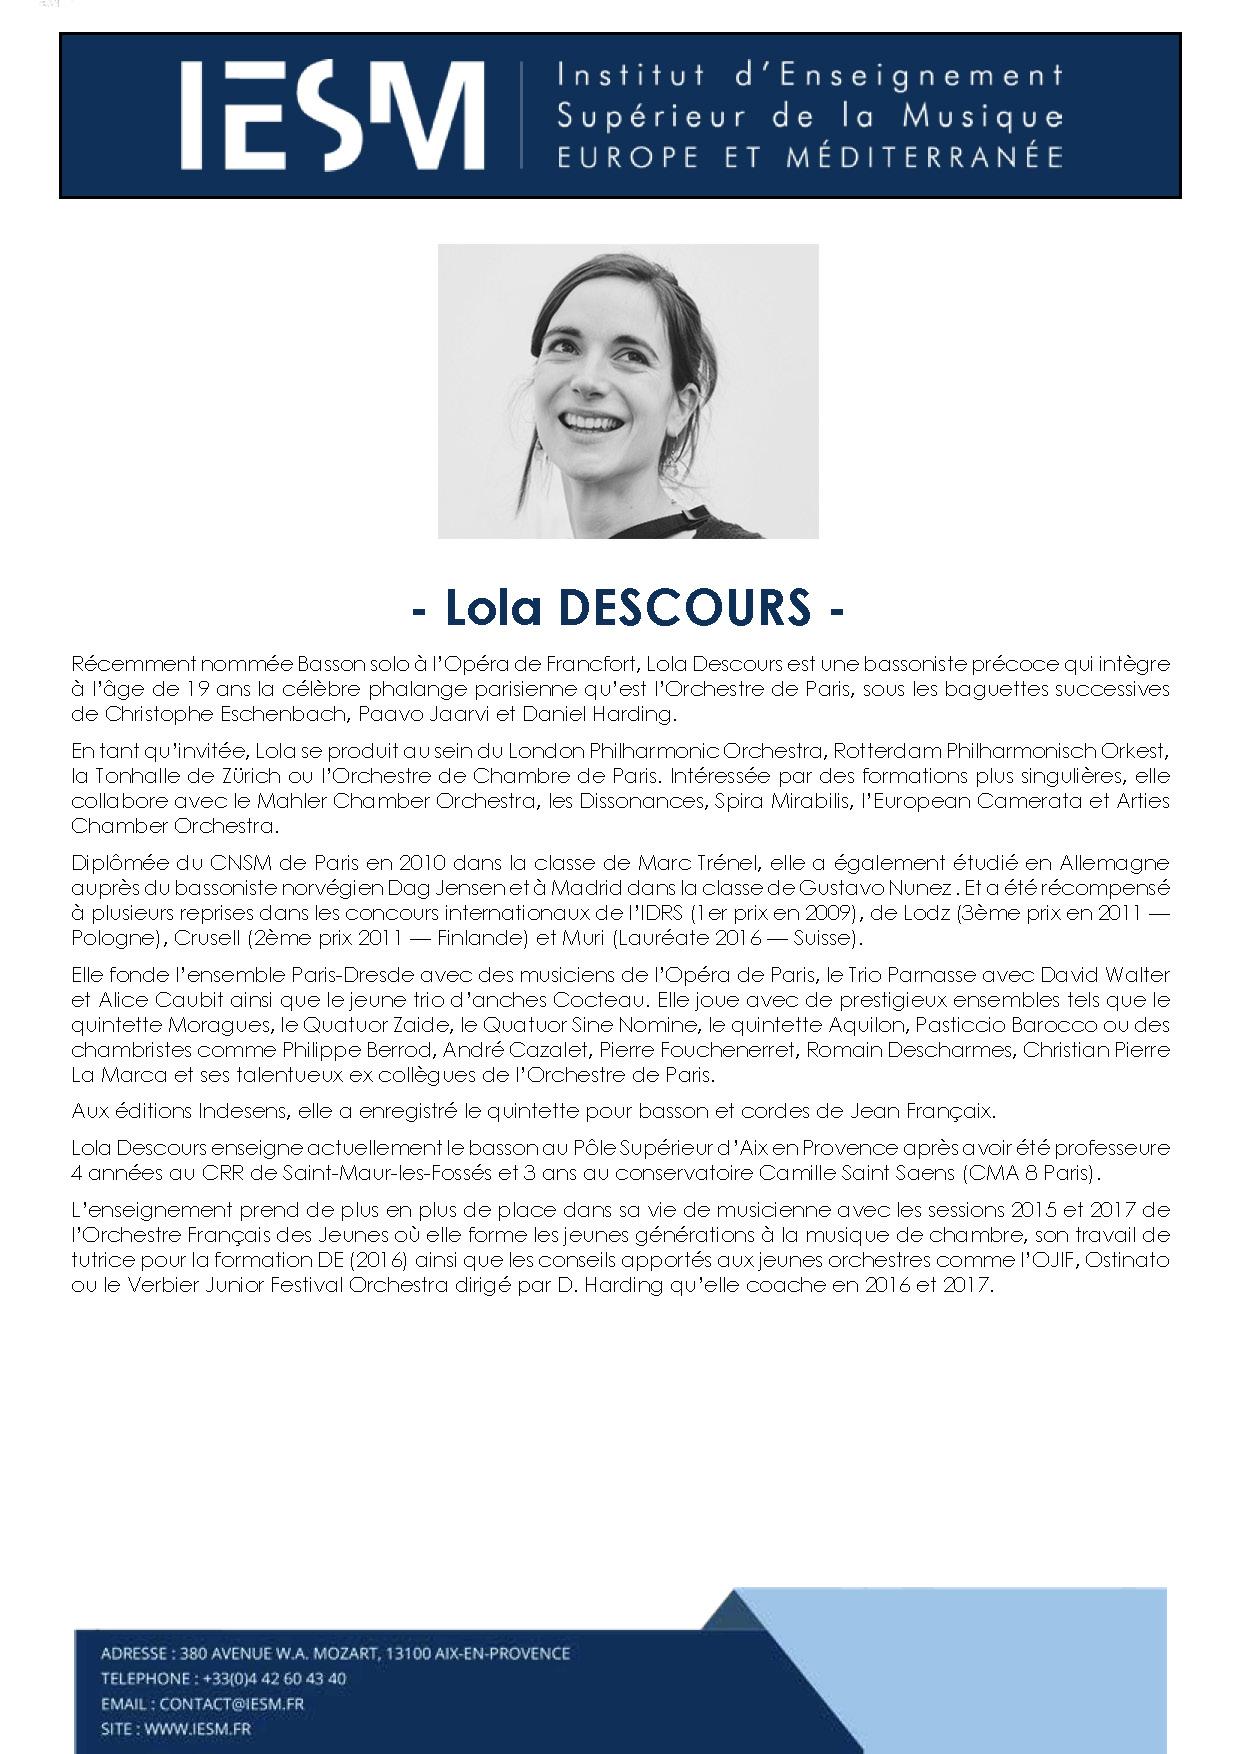 DESCO LOLADESCOURS